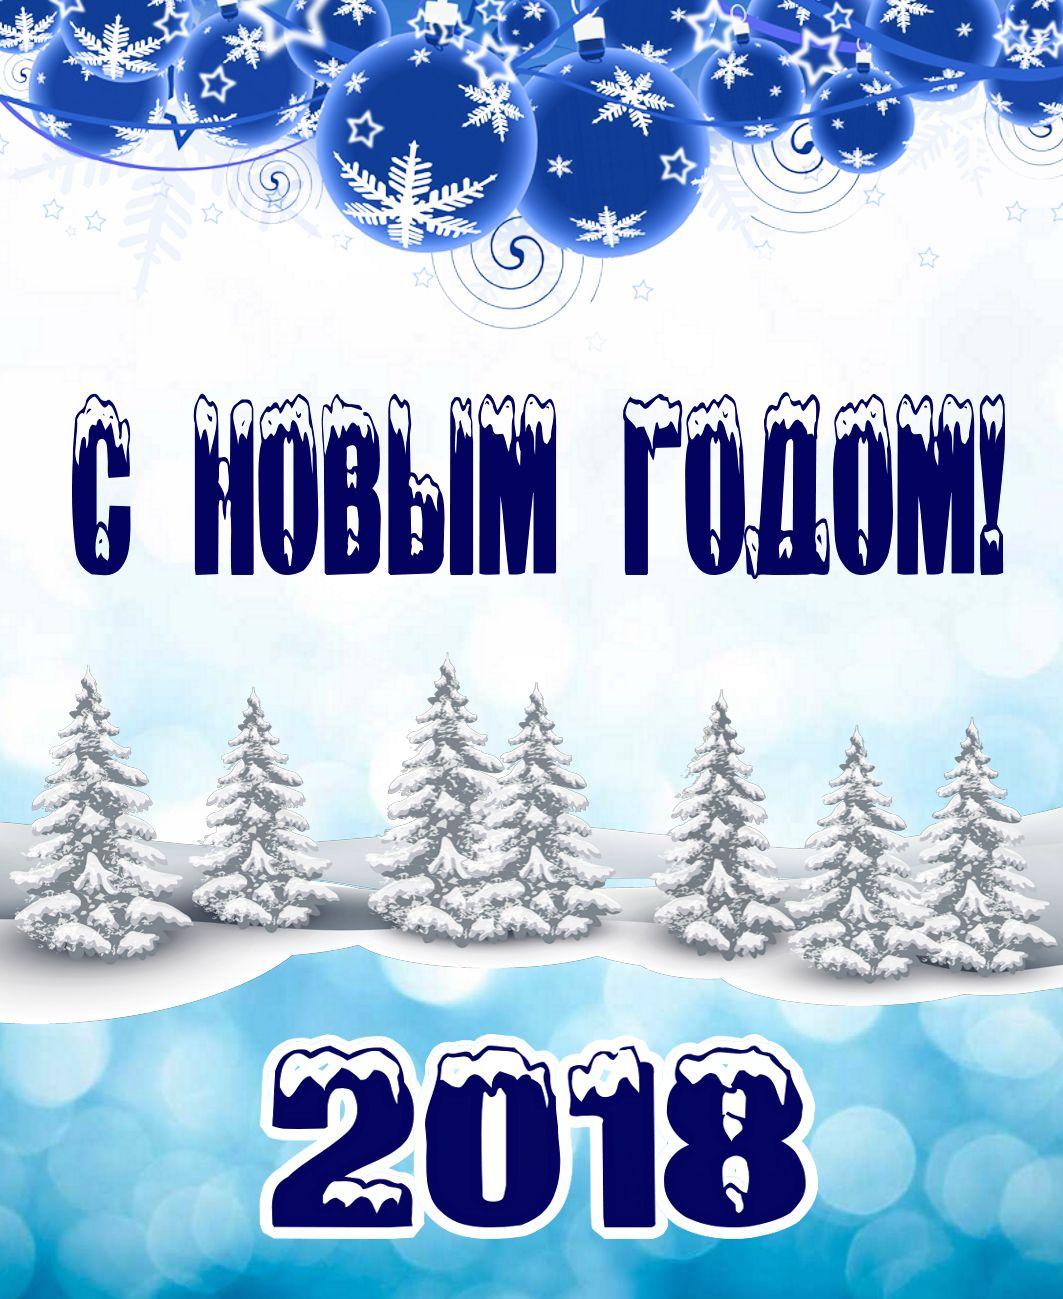 Открытка - с Новым 2018 годом на фоне елочек